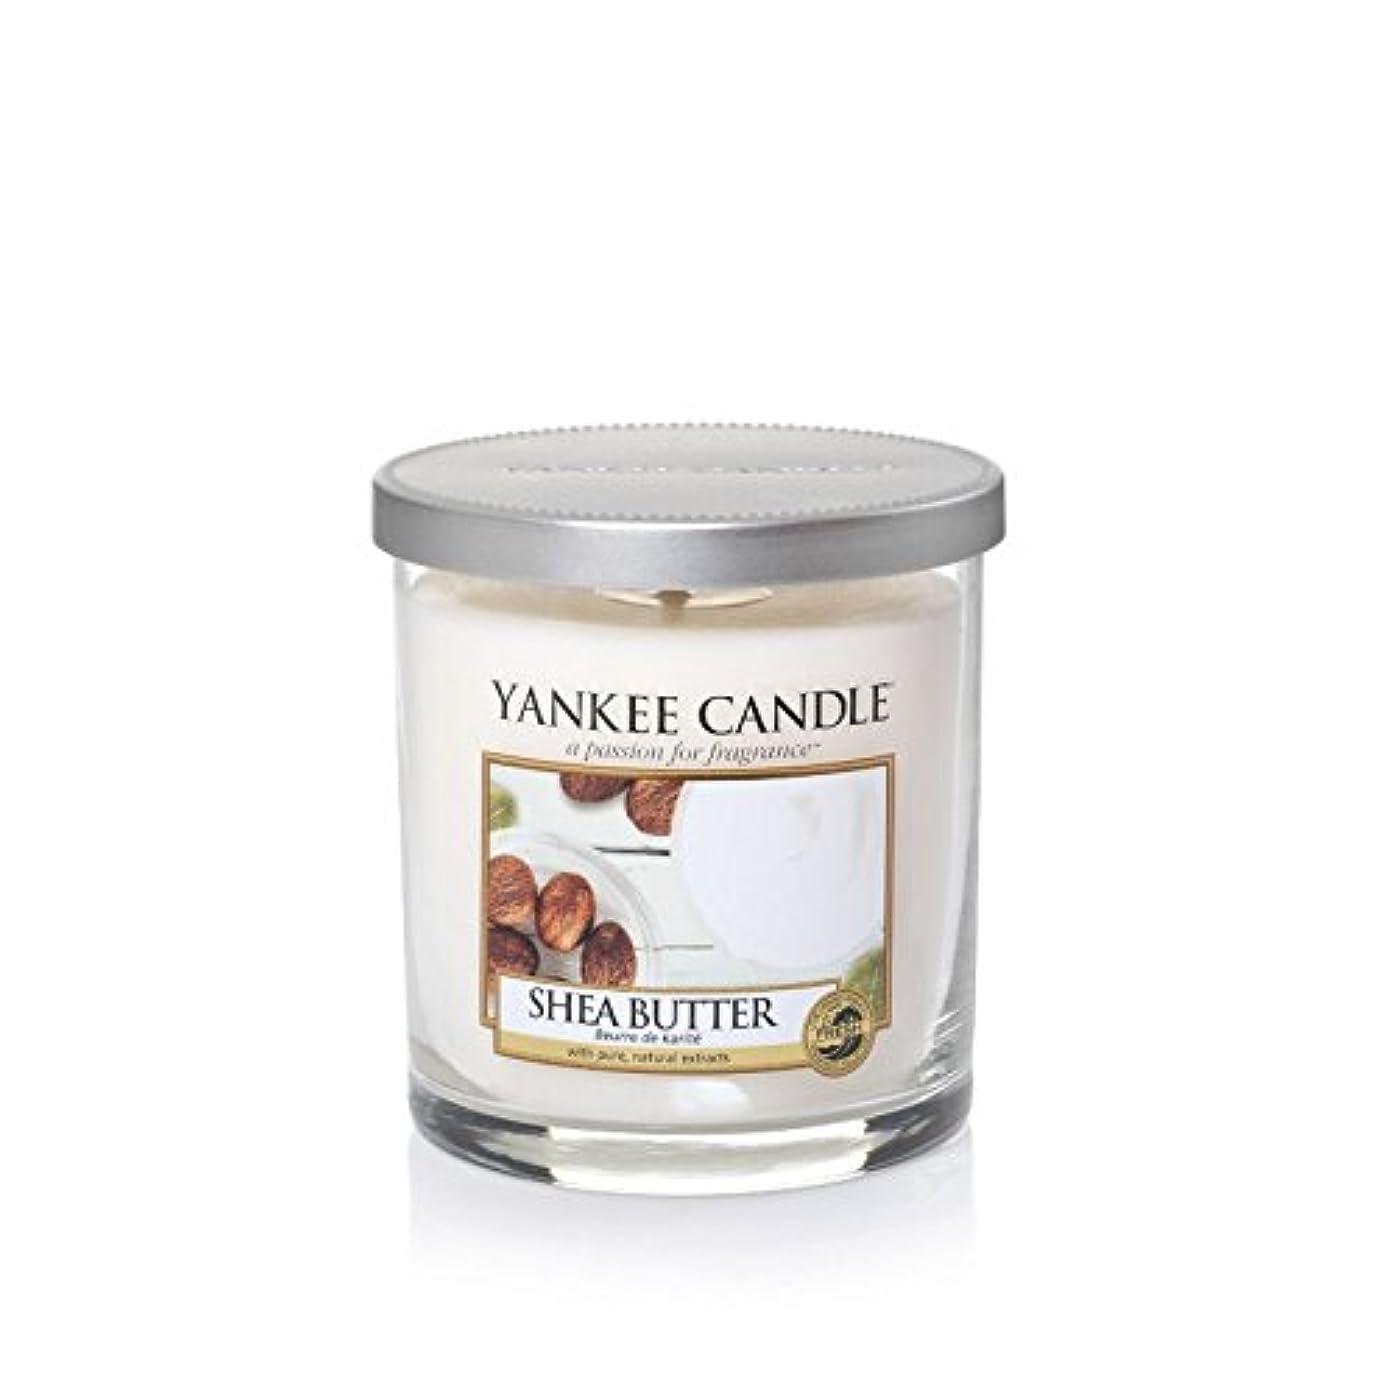 死の顎作物月曜日Yankee Candles Small Pillar Candle - Shea Butter (Pack of 2) - ヤンキーキャンドルの小さな柱キャンドル - シアバター (x2) [並行輸入品]